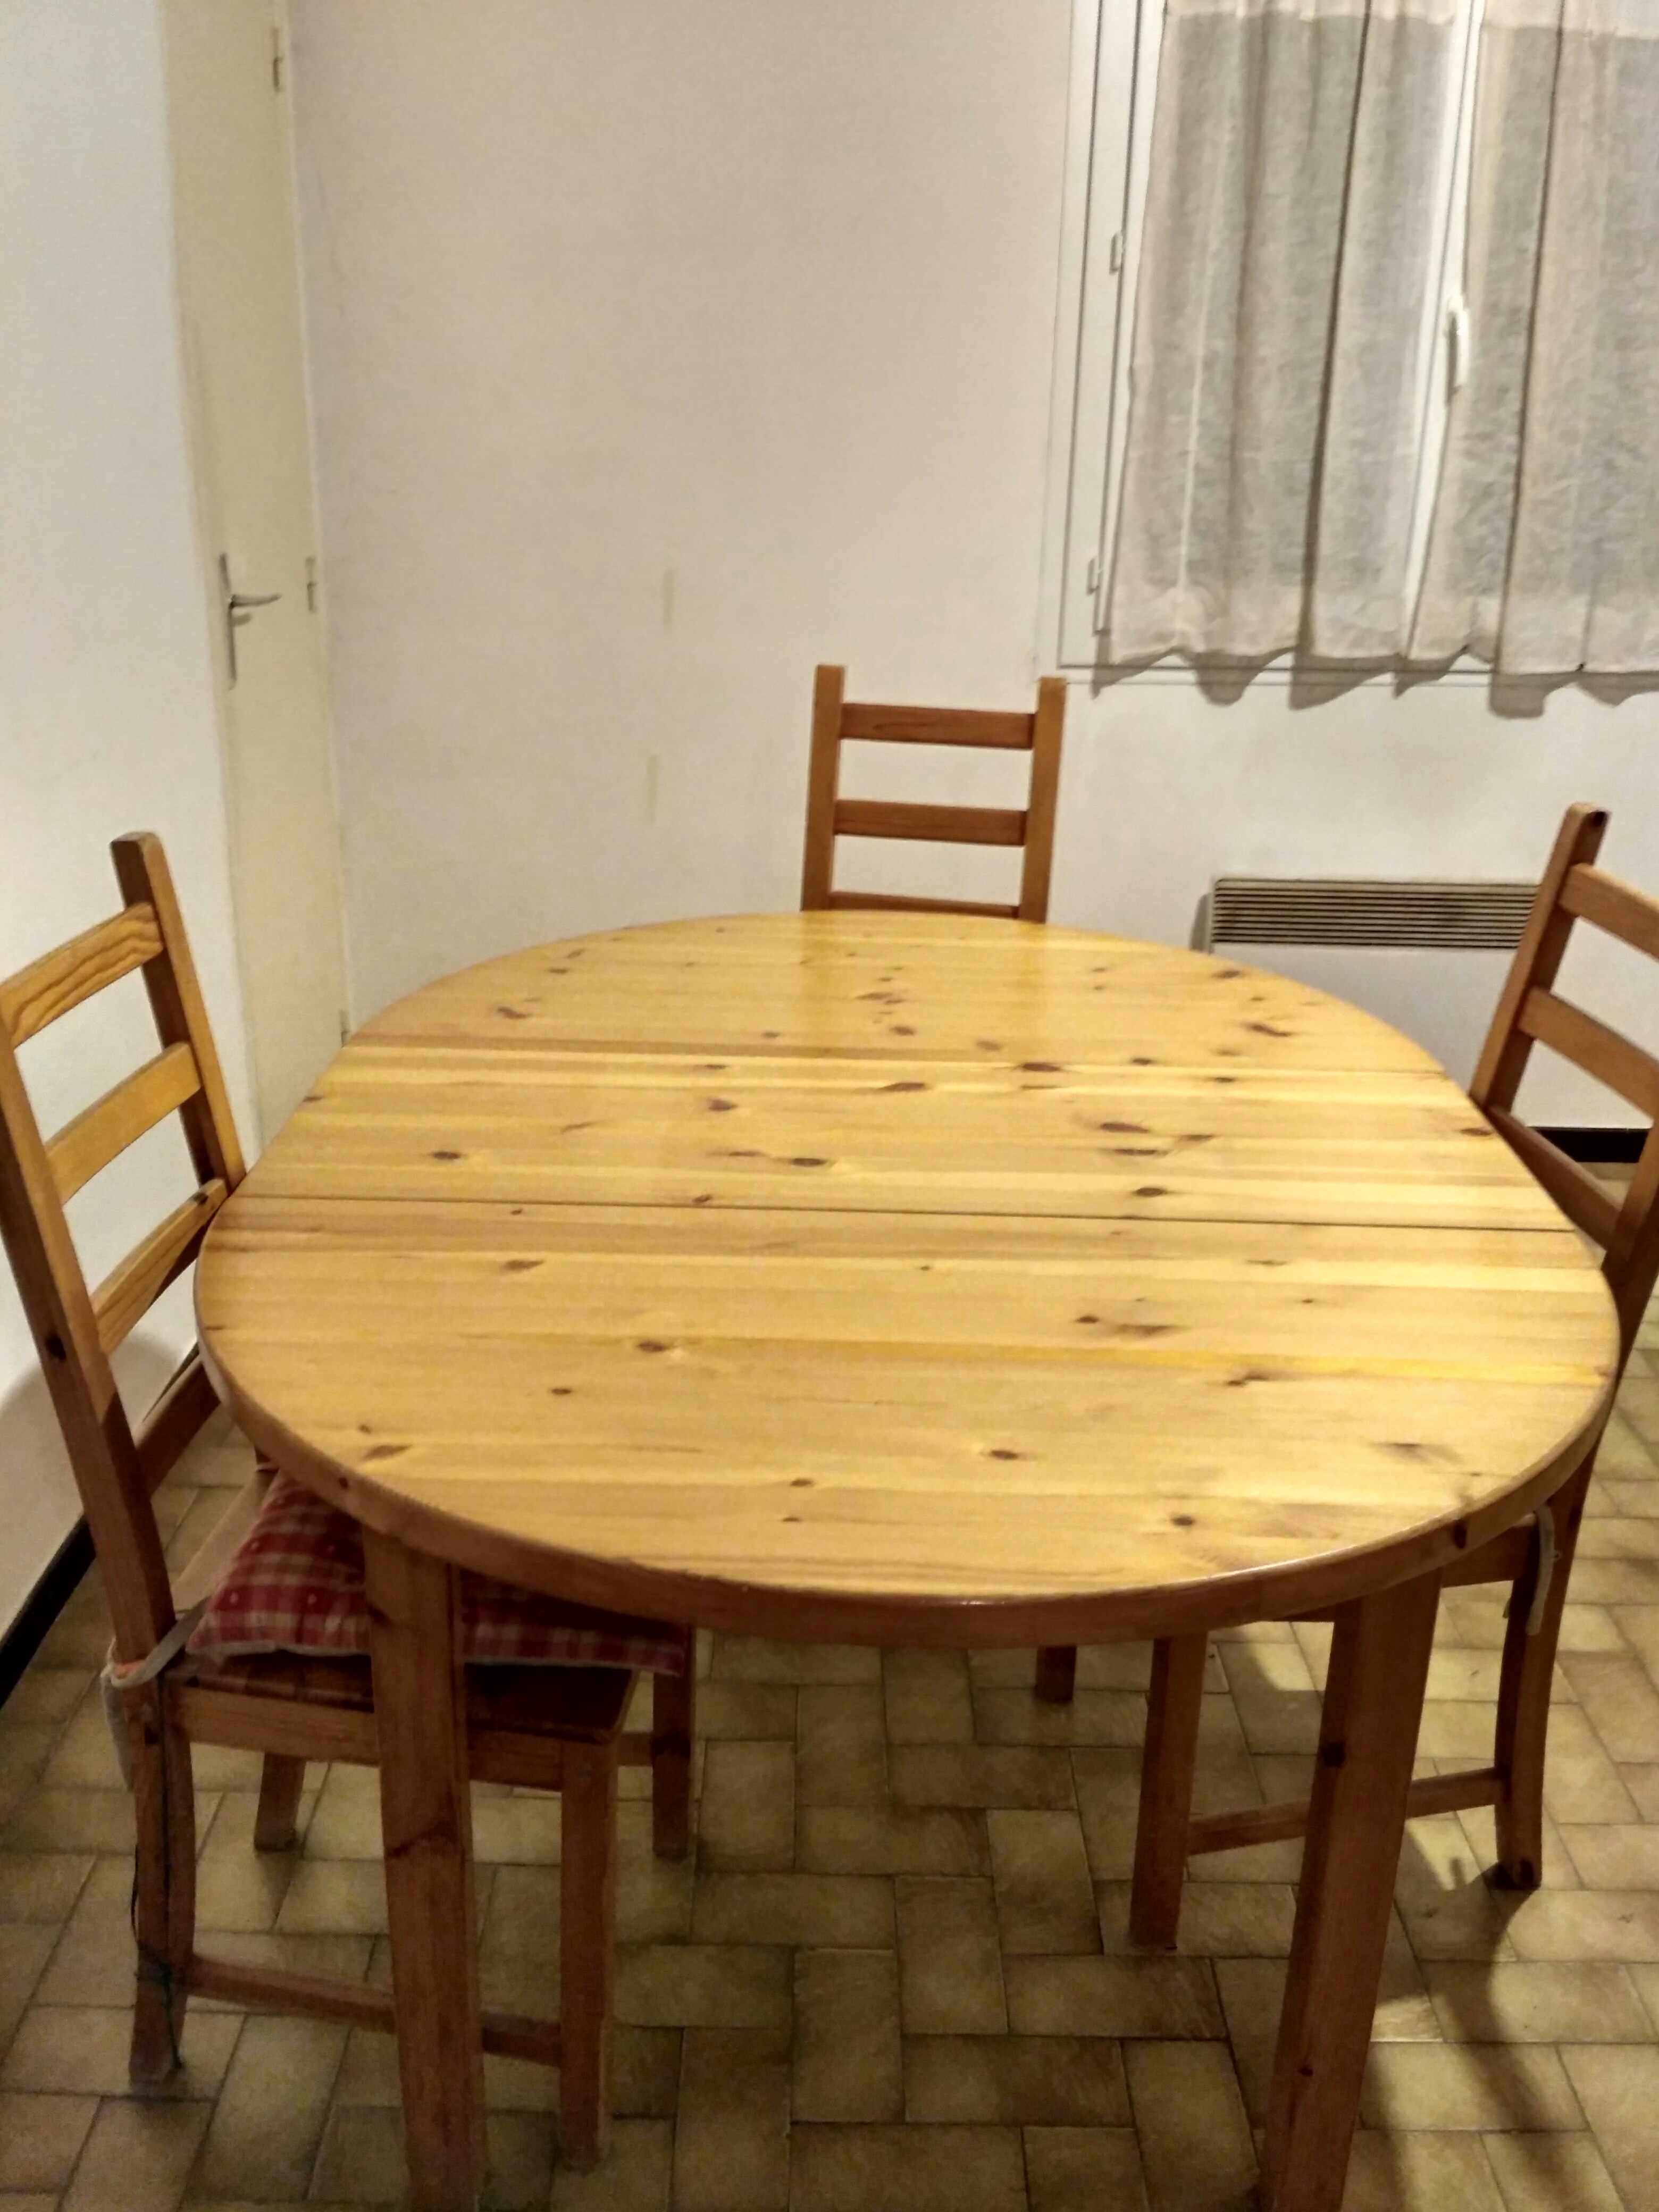 achetez table ronde occasion, annonce vente à carcassonne (11